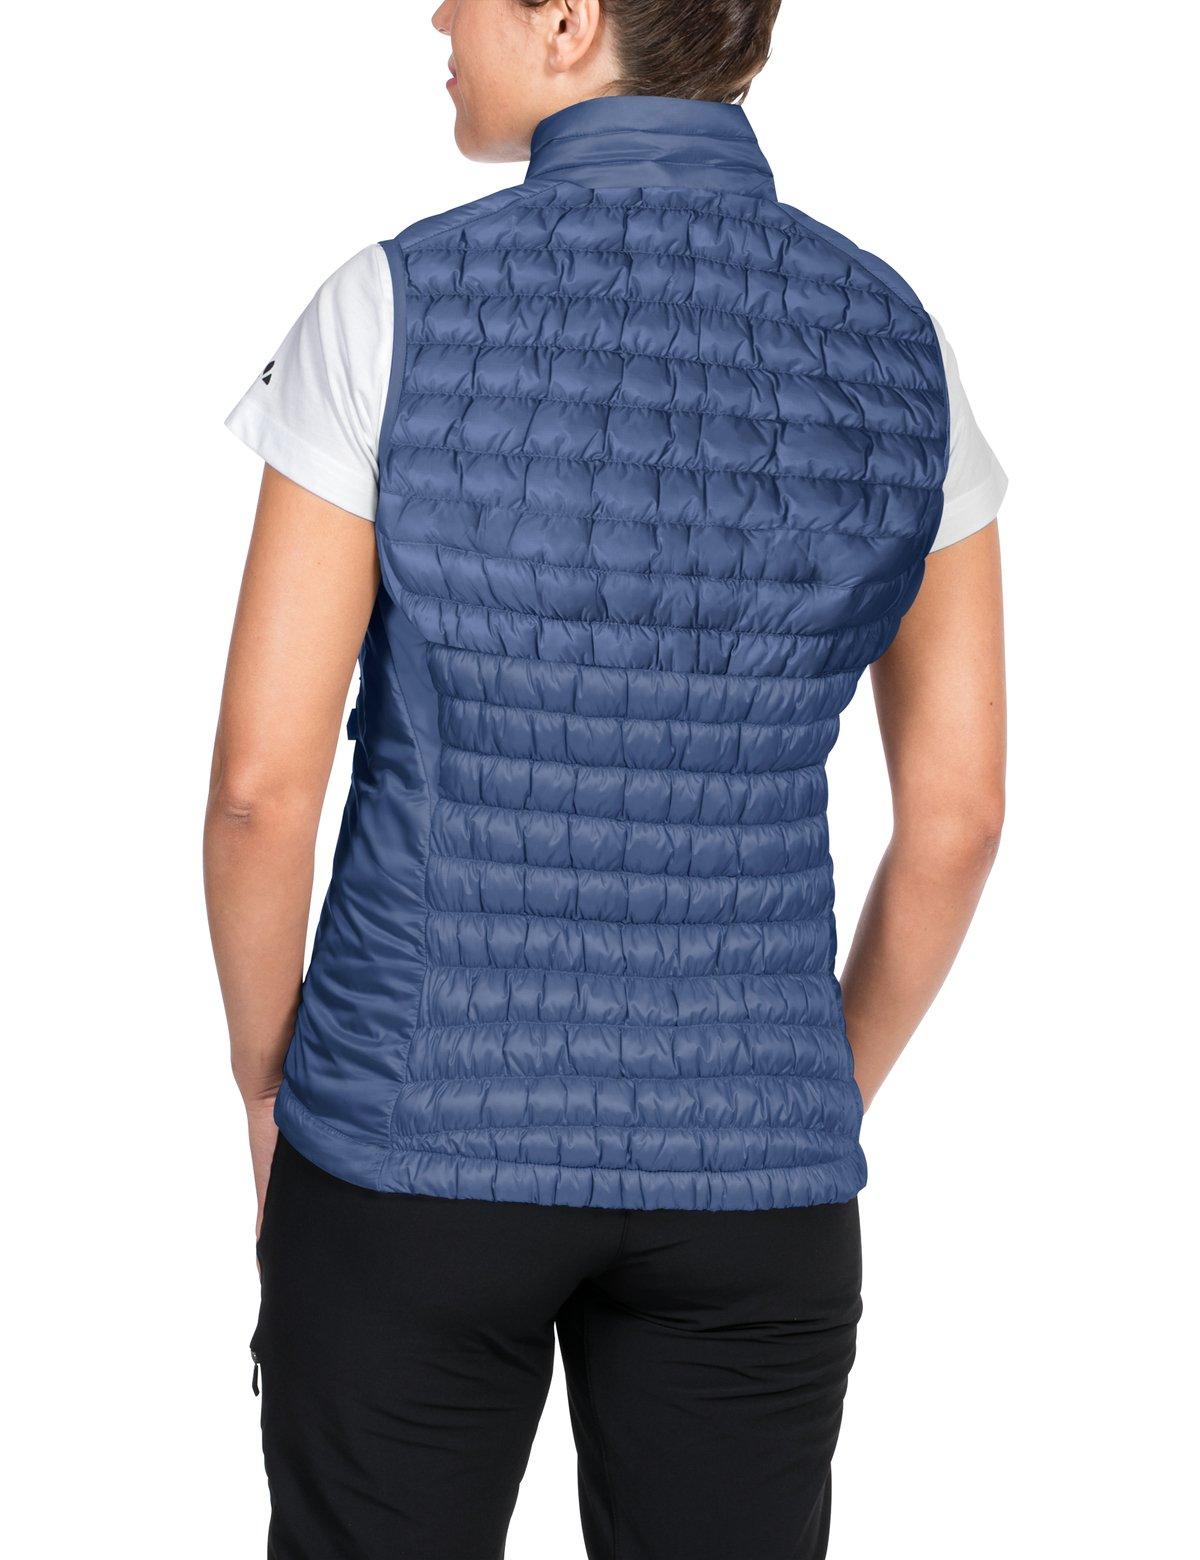 71qnAHi%2BU7L - Vaude Kabru II Women's light Women's Gilet Vest